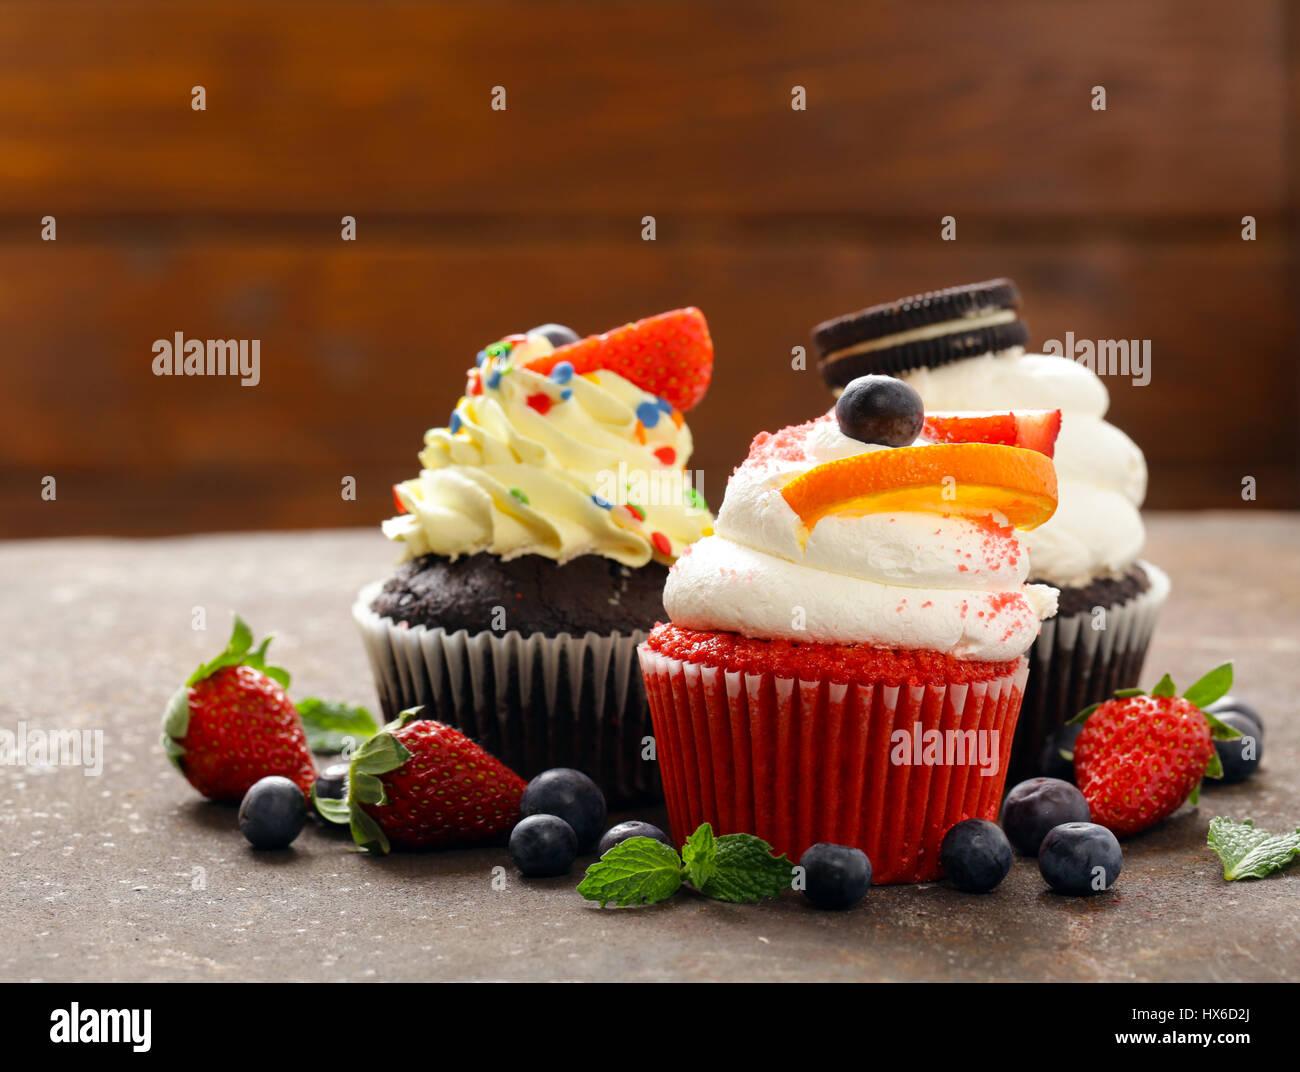 festliche Muffins mit Beeren und Buttercreme Stockbild